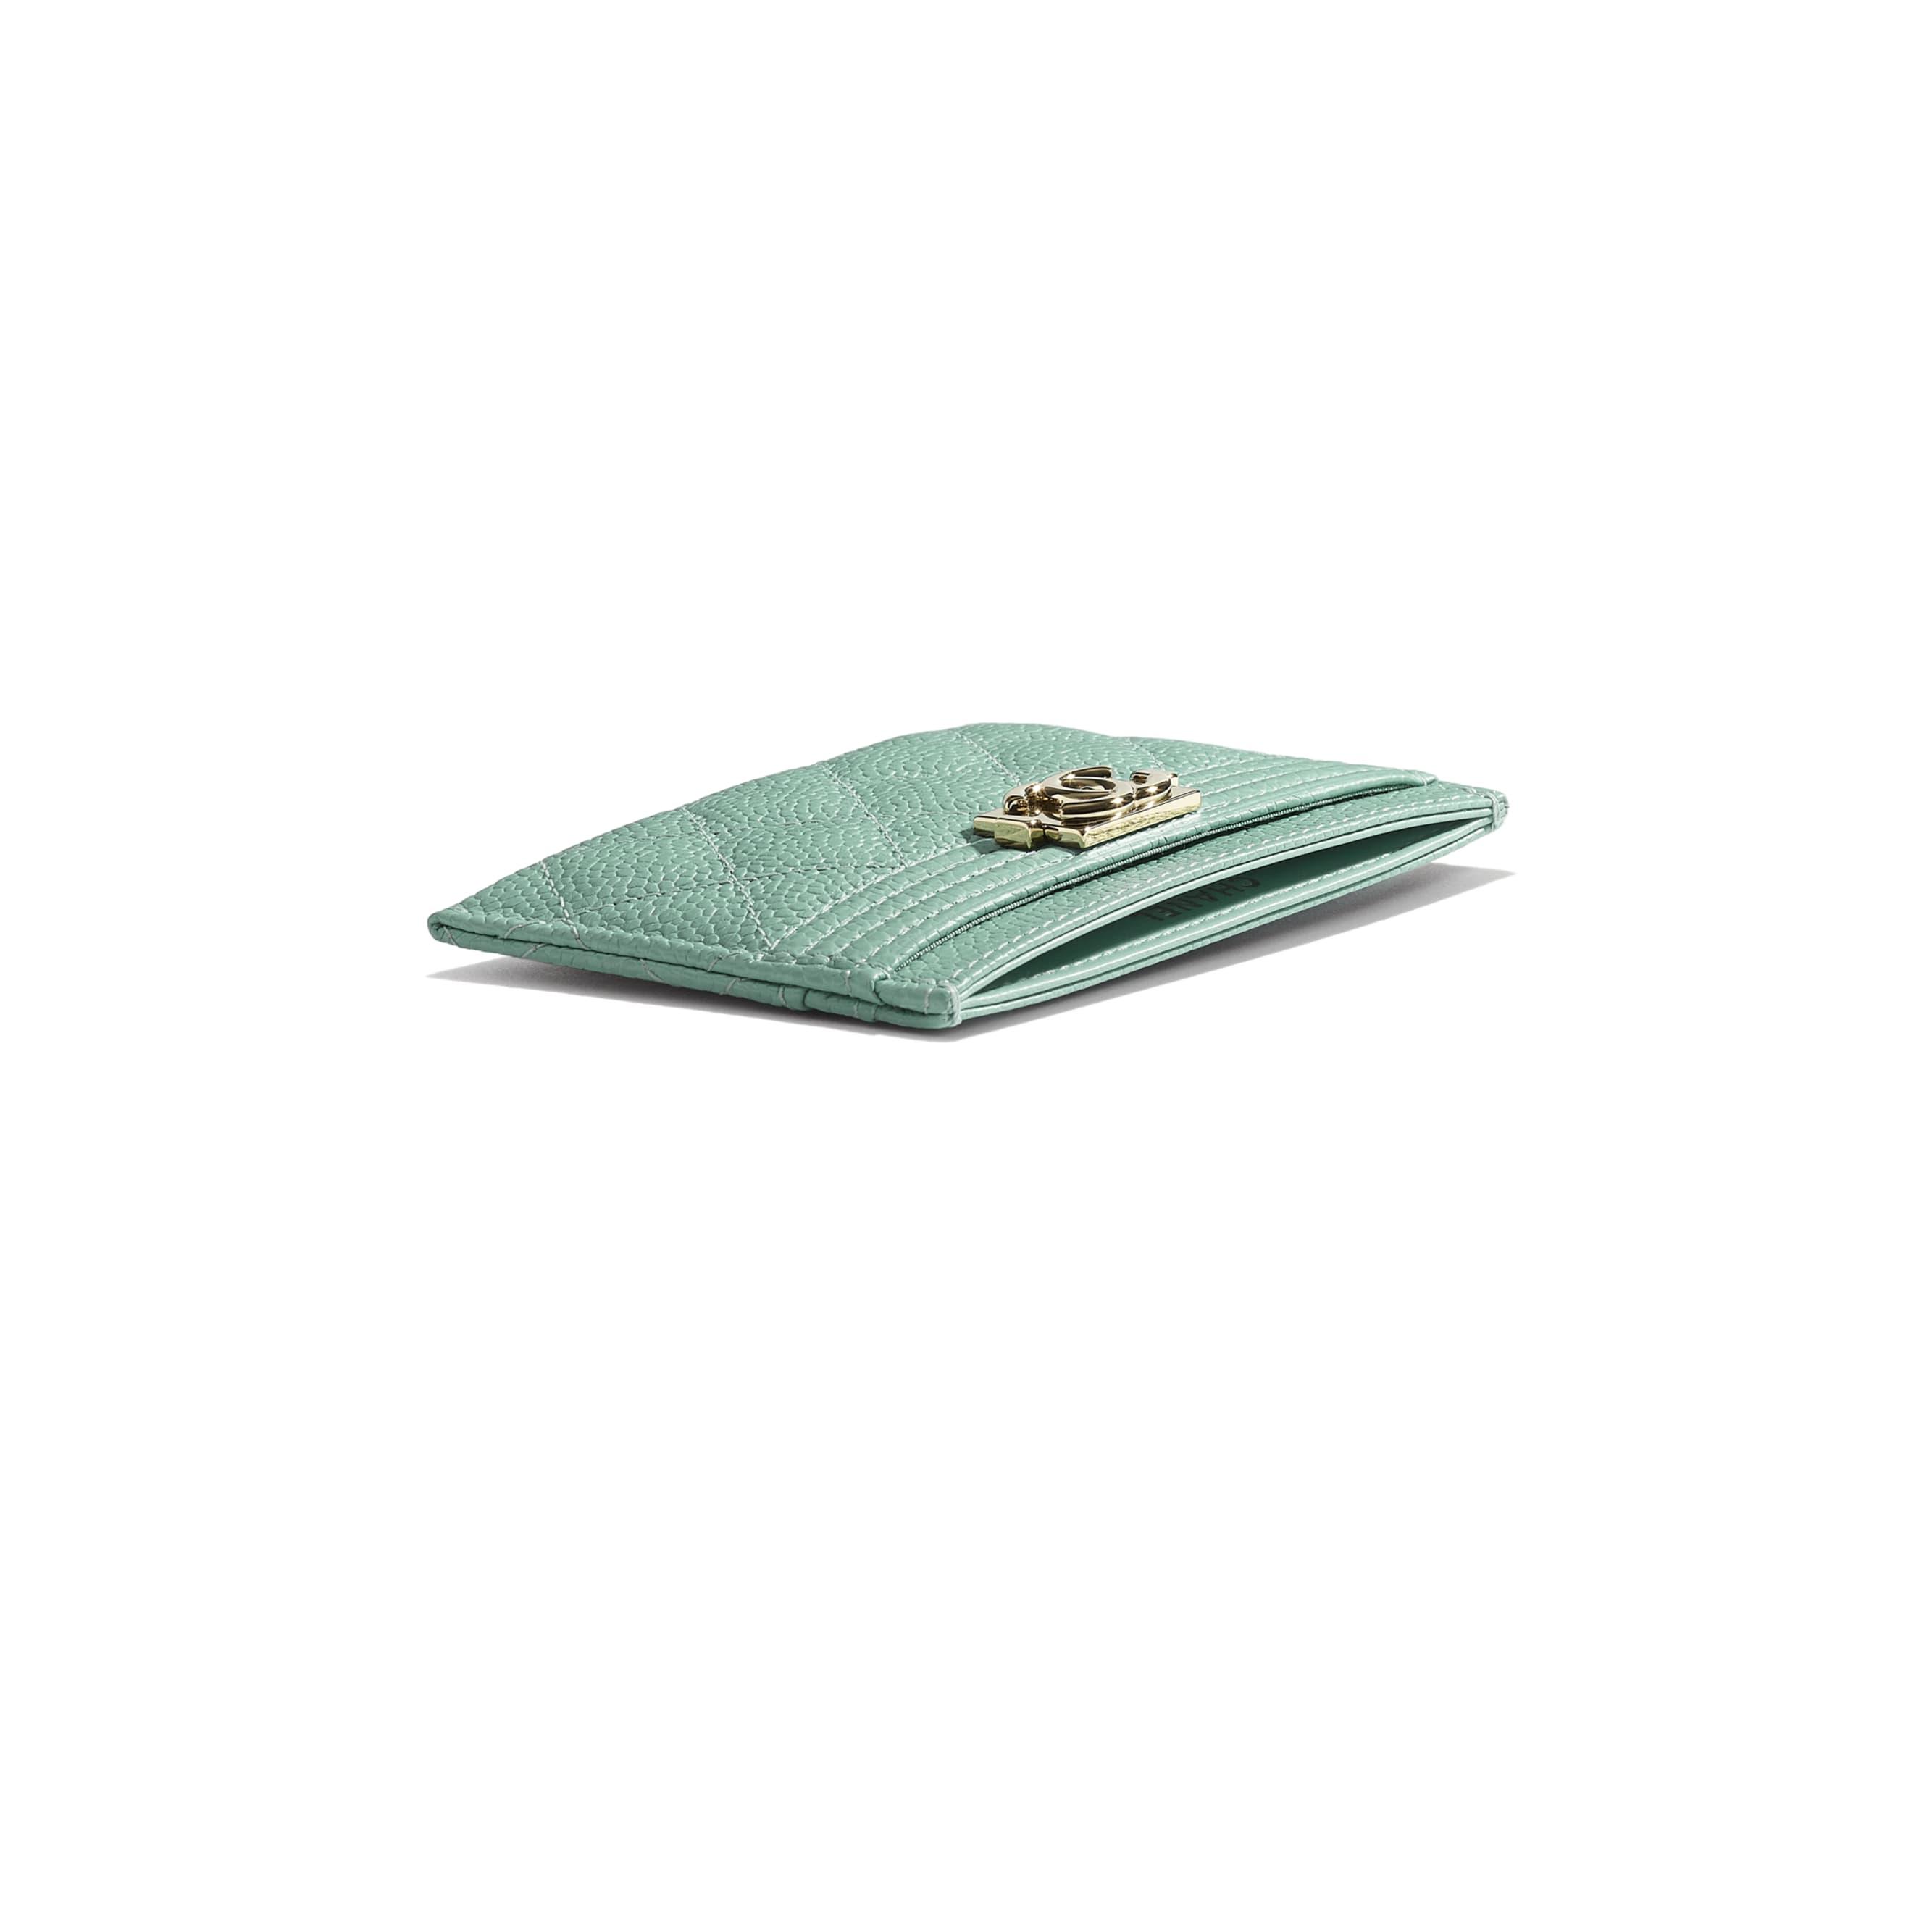 Kartenetui BOY CHANEL - Blau - Genarbtes Kalbsleder & goldfarbenes Metall - Extra-Ansicht - Standardgröße anzeigen